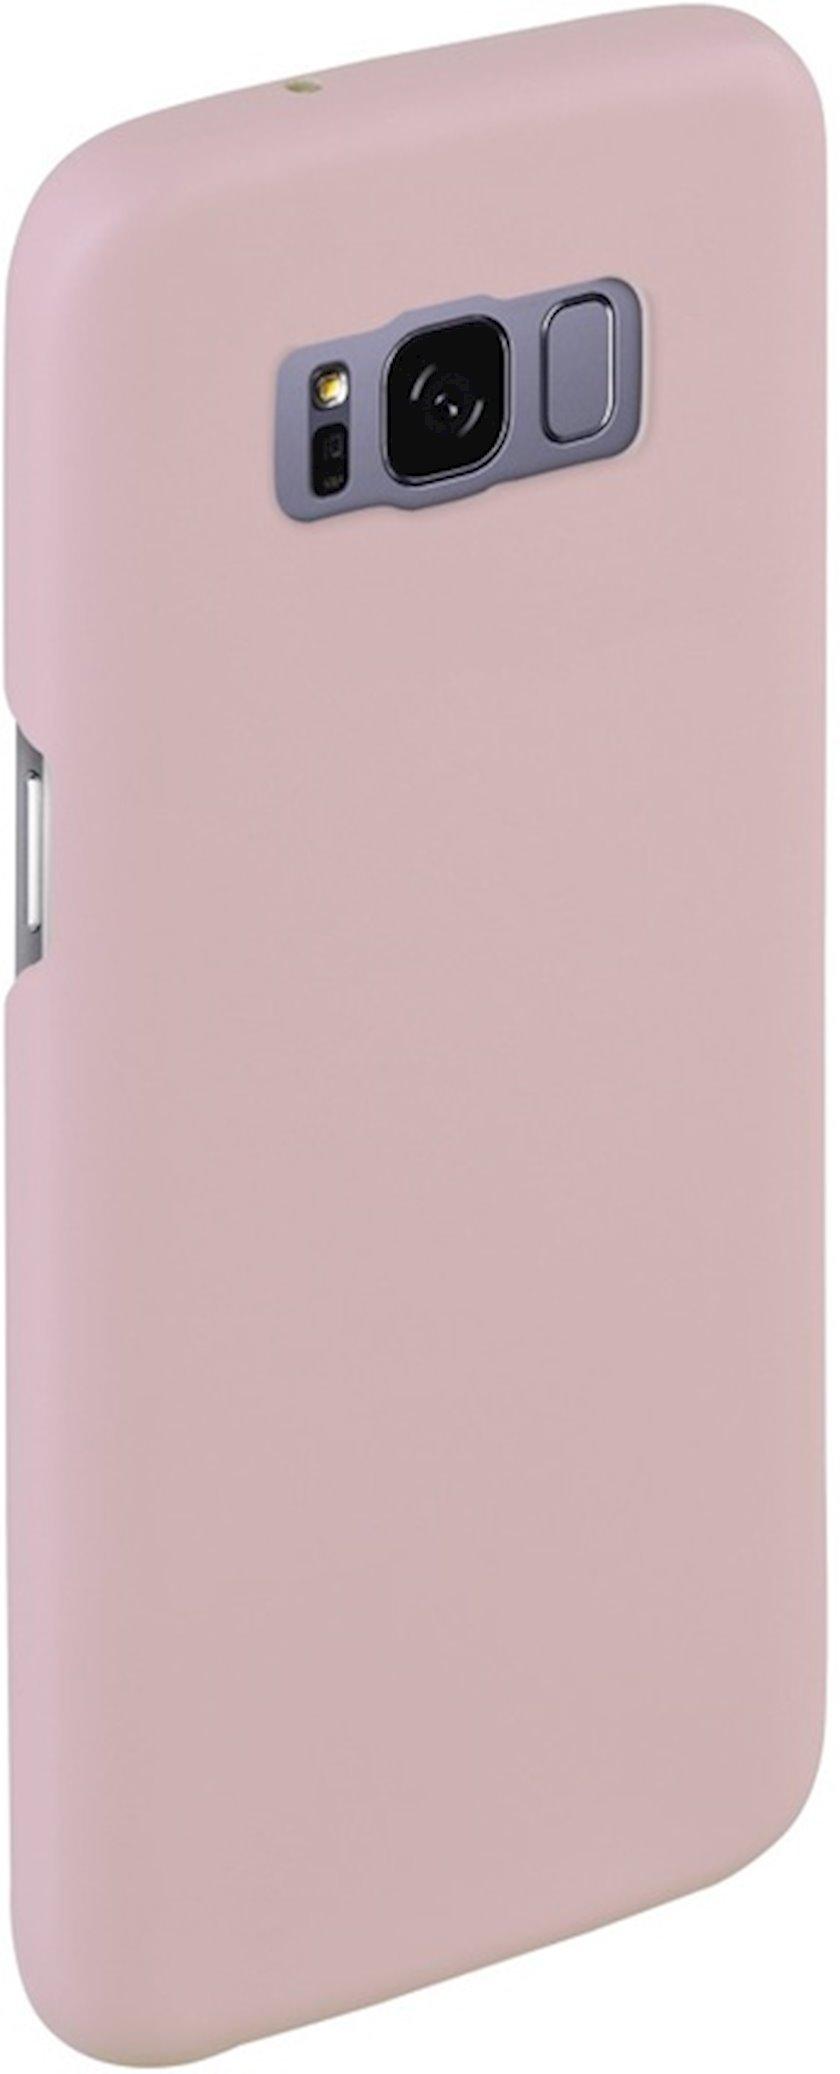 Çexol Hama Silk Samsung Galaxy S8 Rose